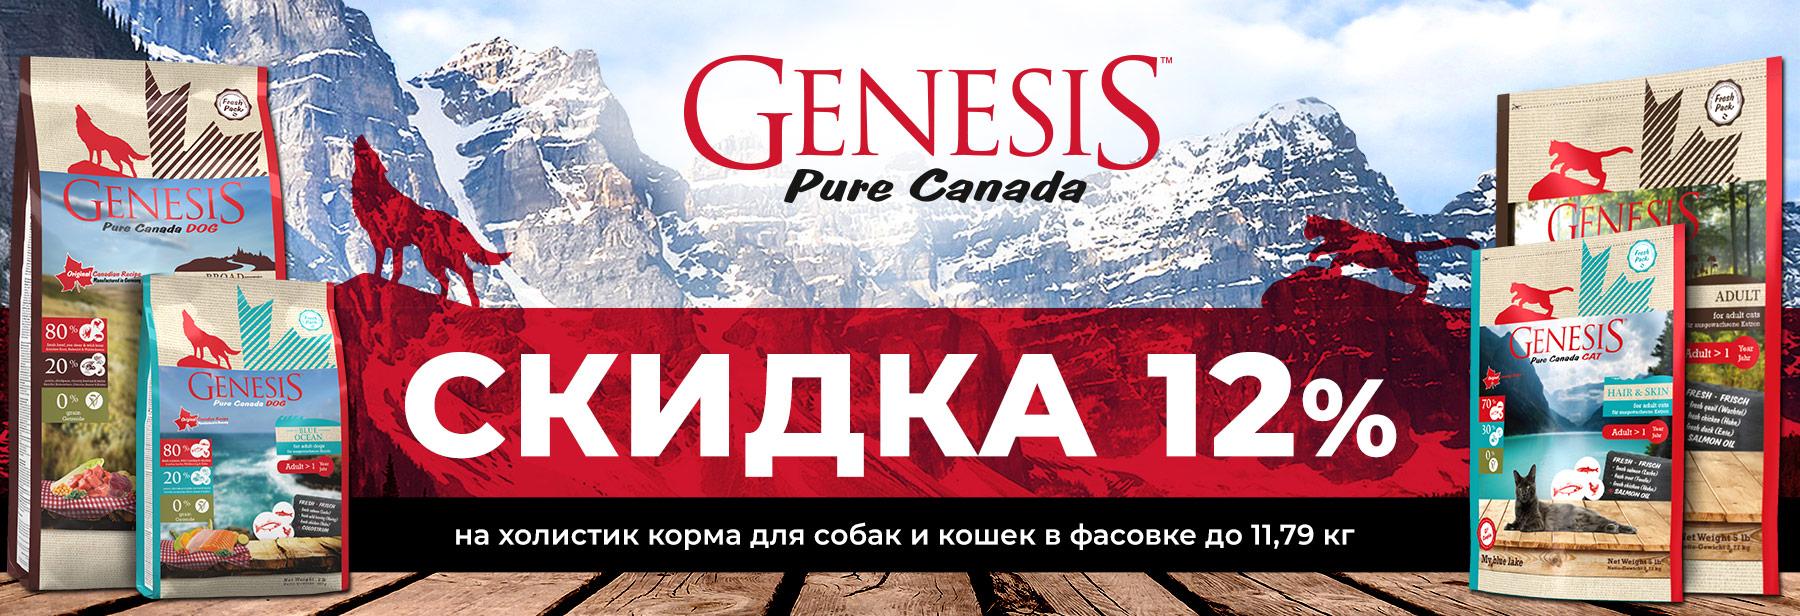 Скидка 12% на Genesis для собак и кошек в весовке до 11,79 кг